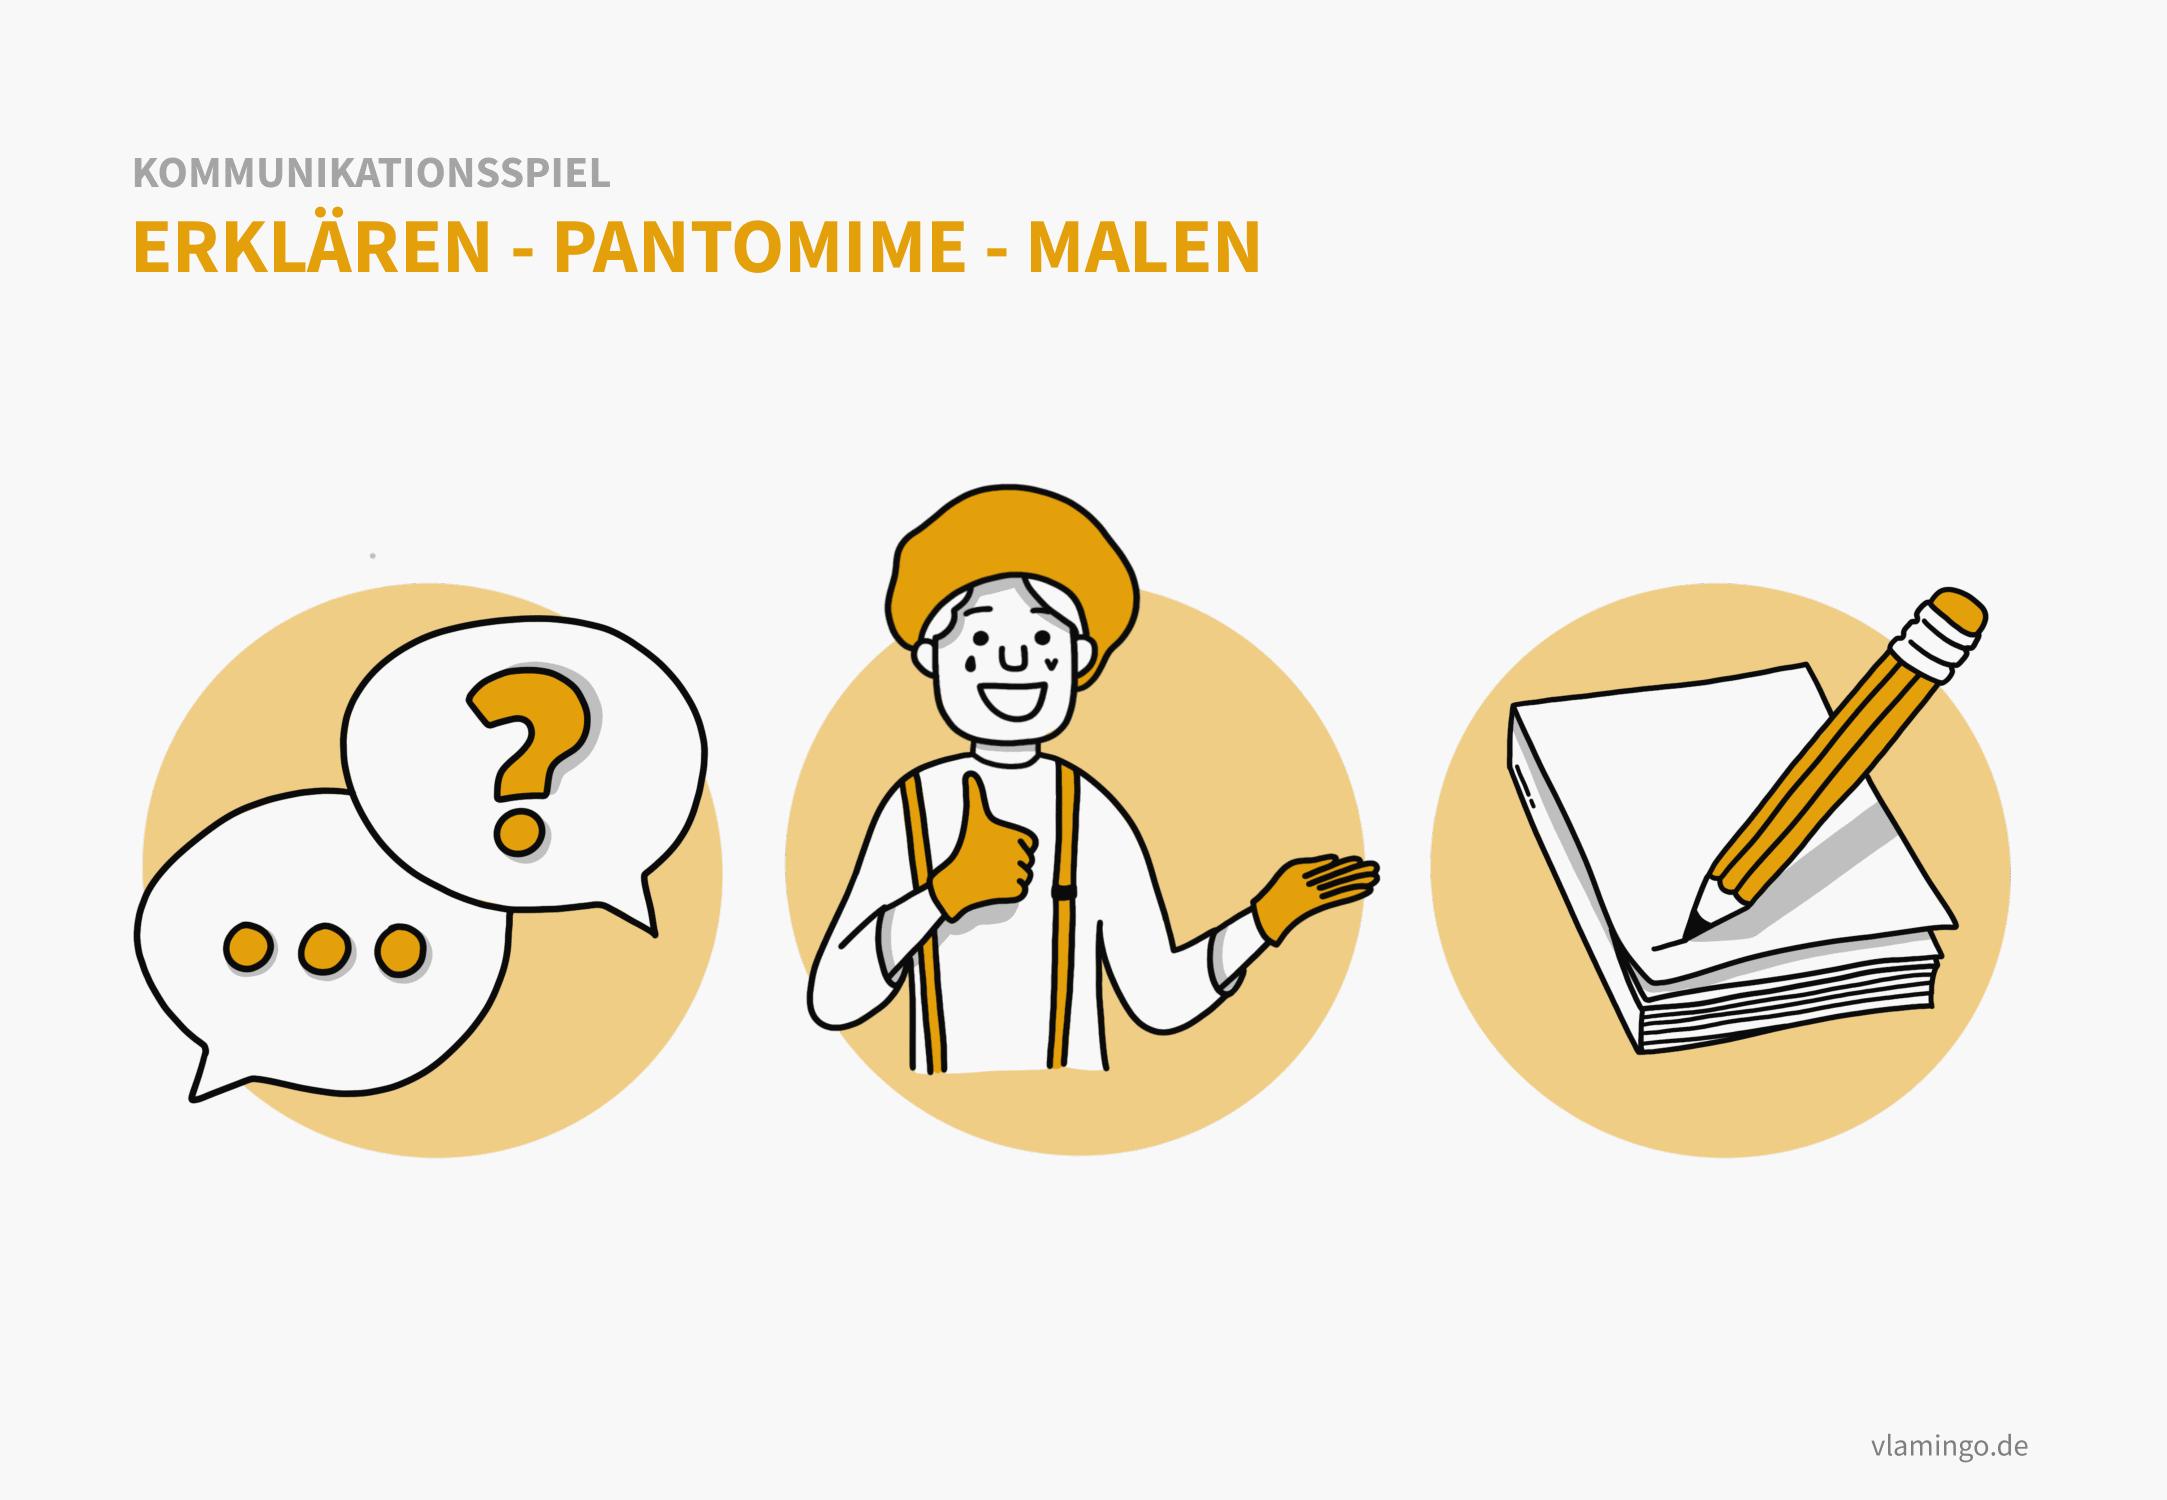 Kommunikationsspiel: Erklären - Pantomime - Malen